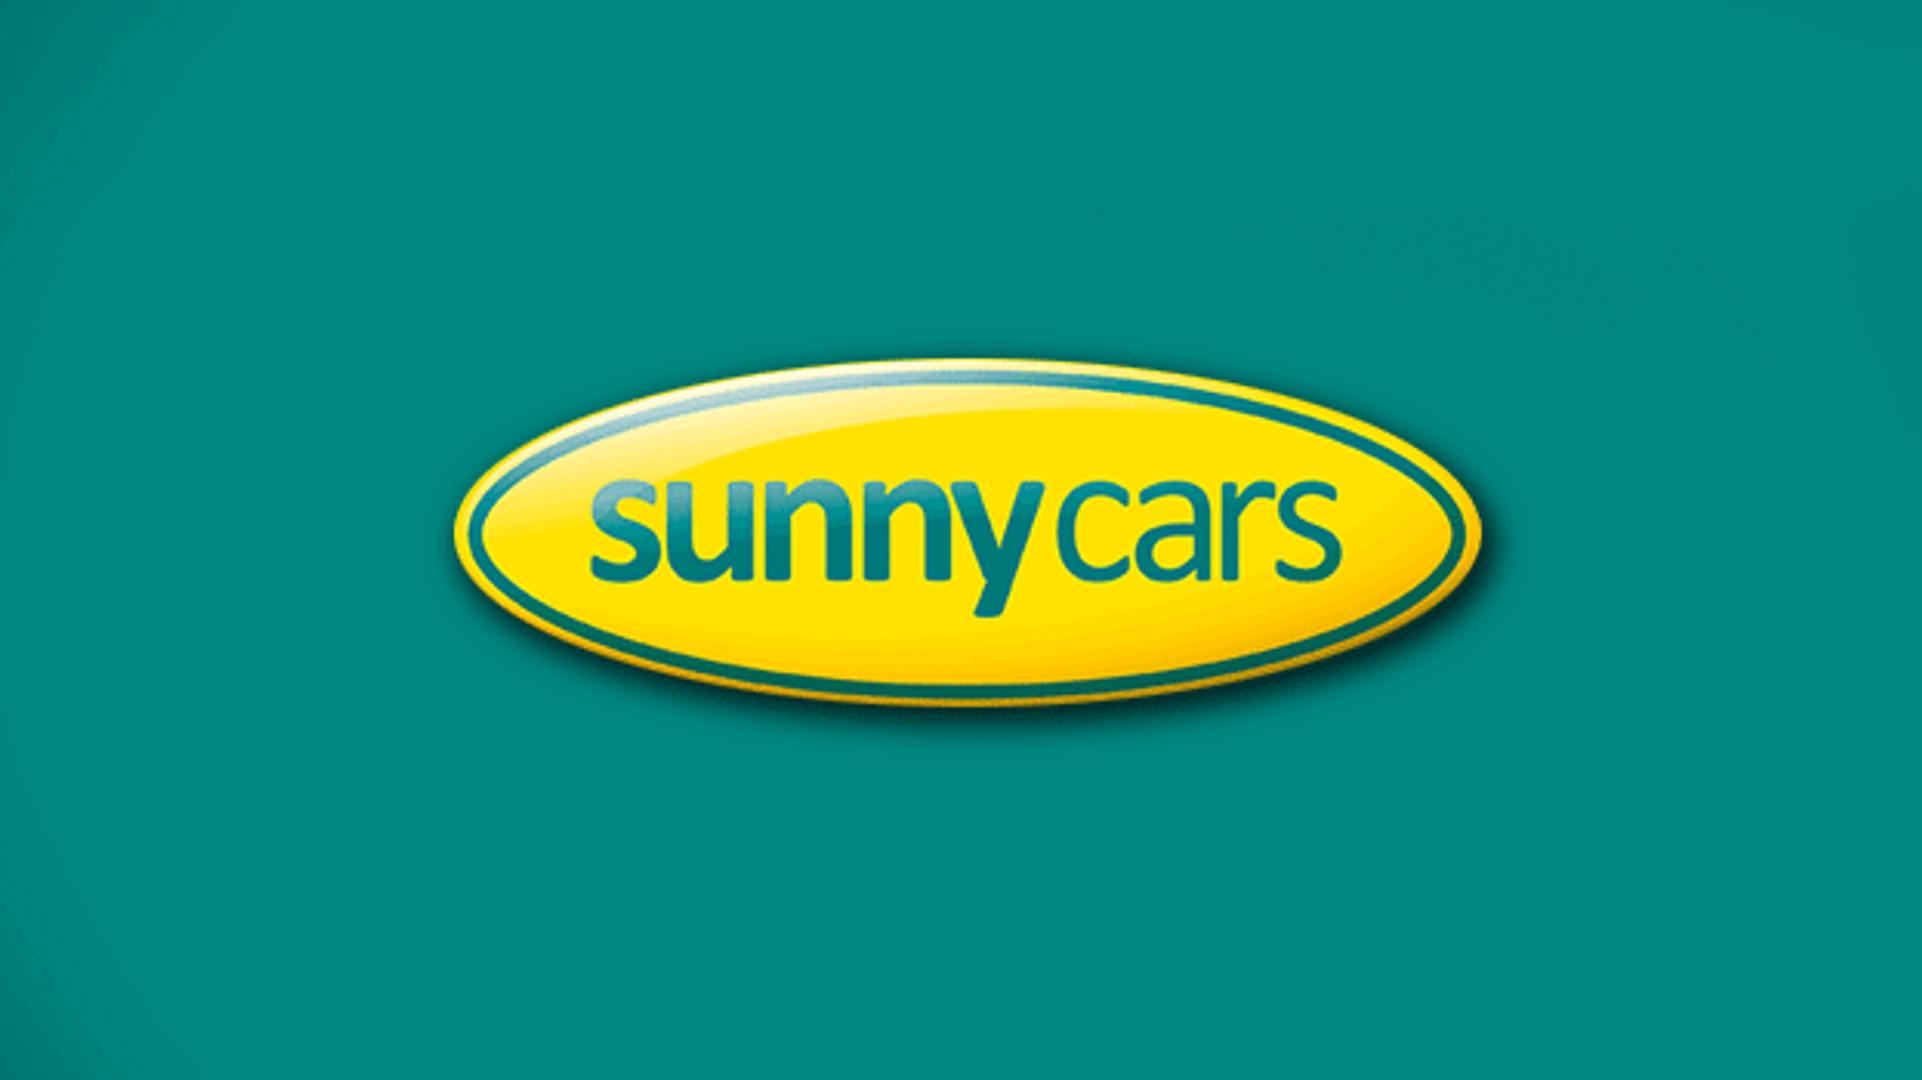 Een auto huren kan je bij sunny cars